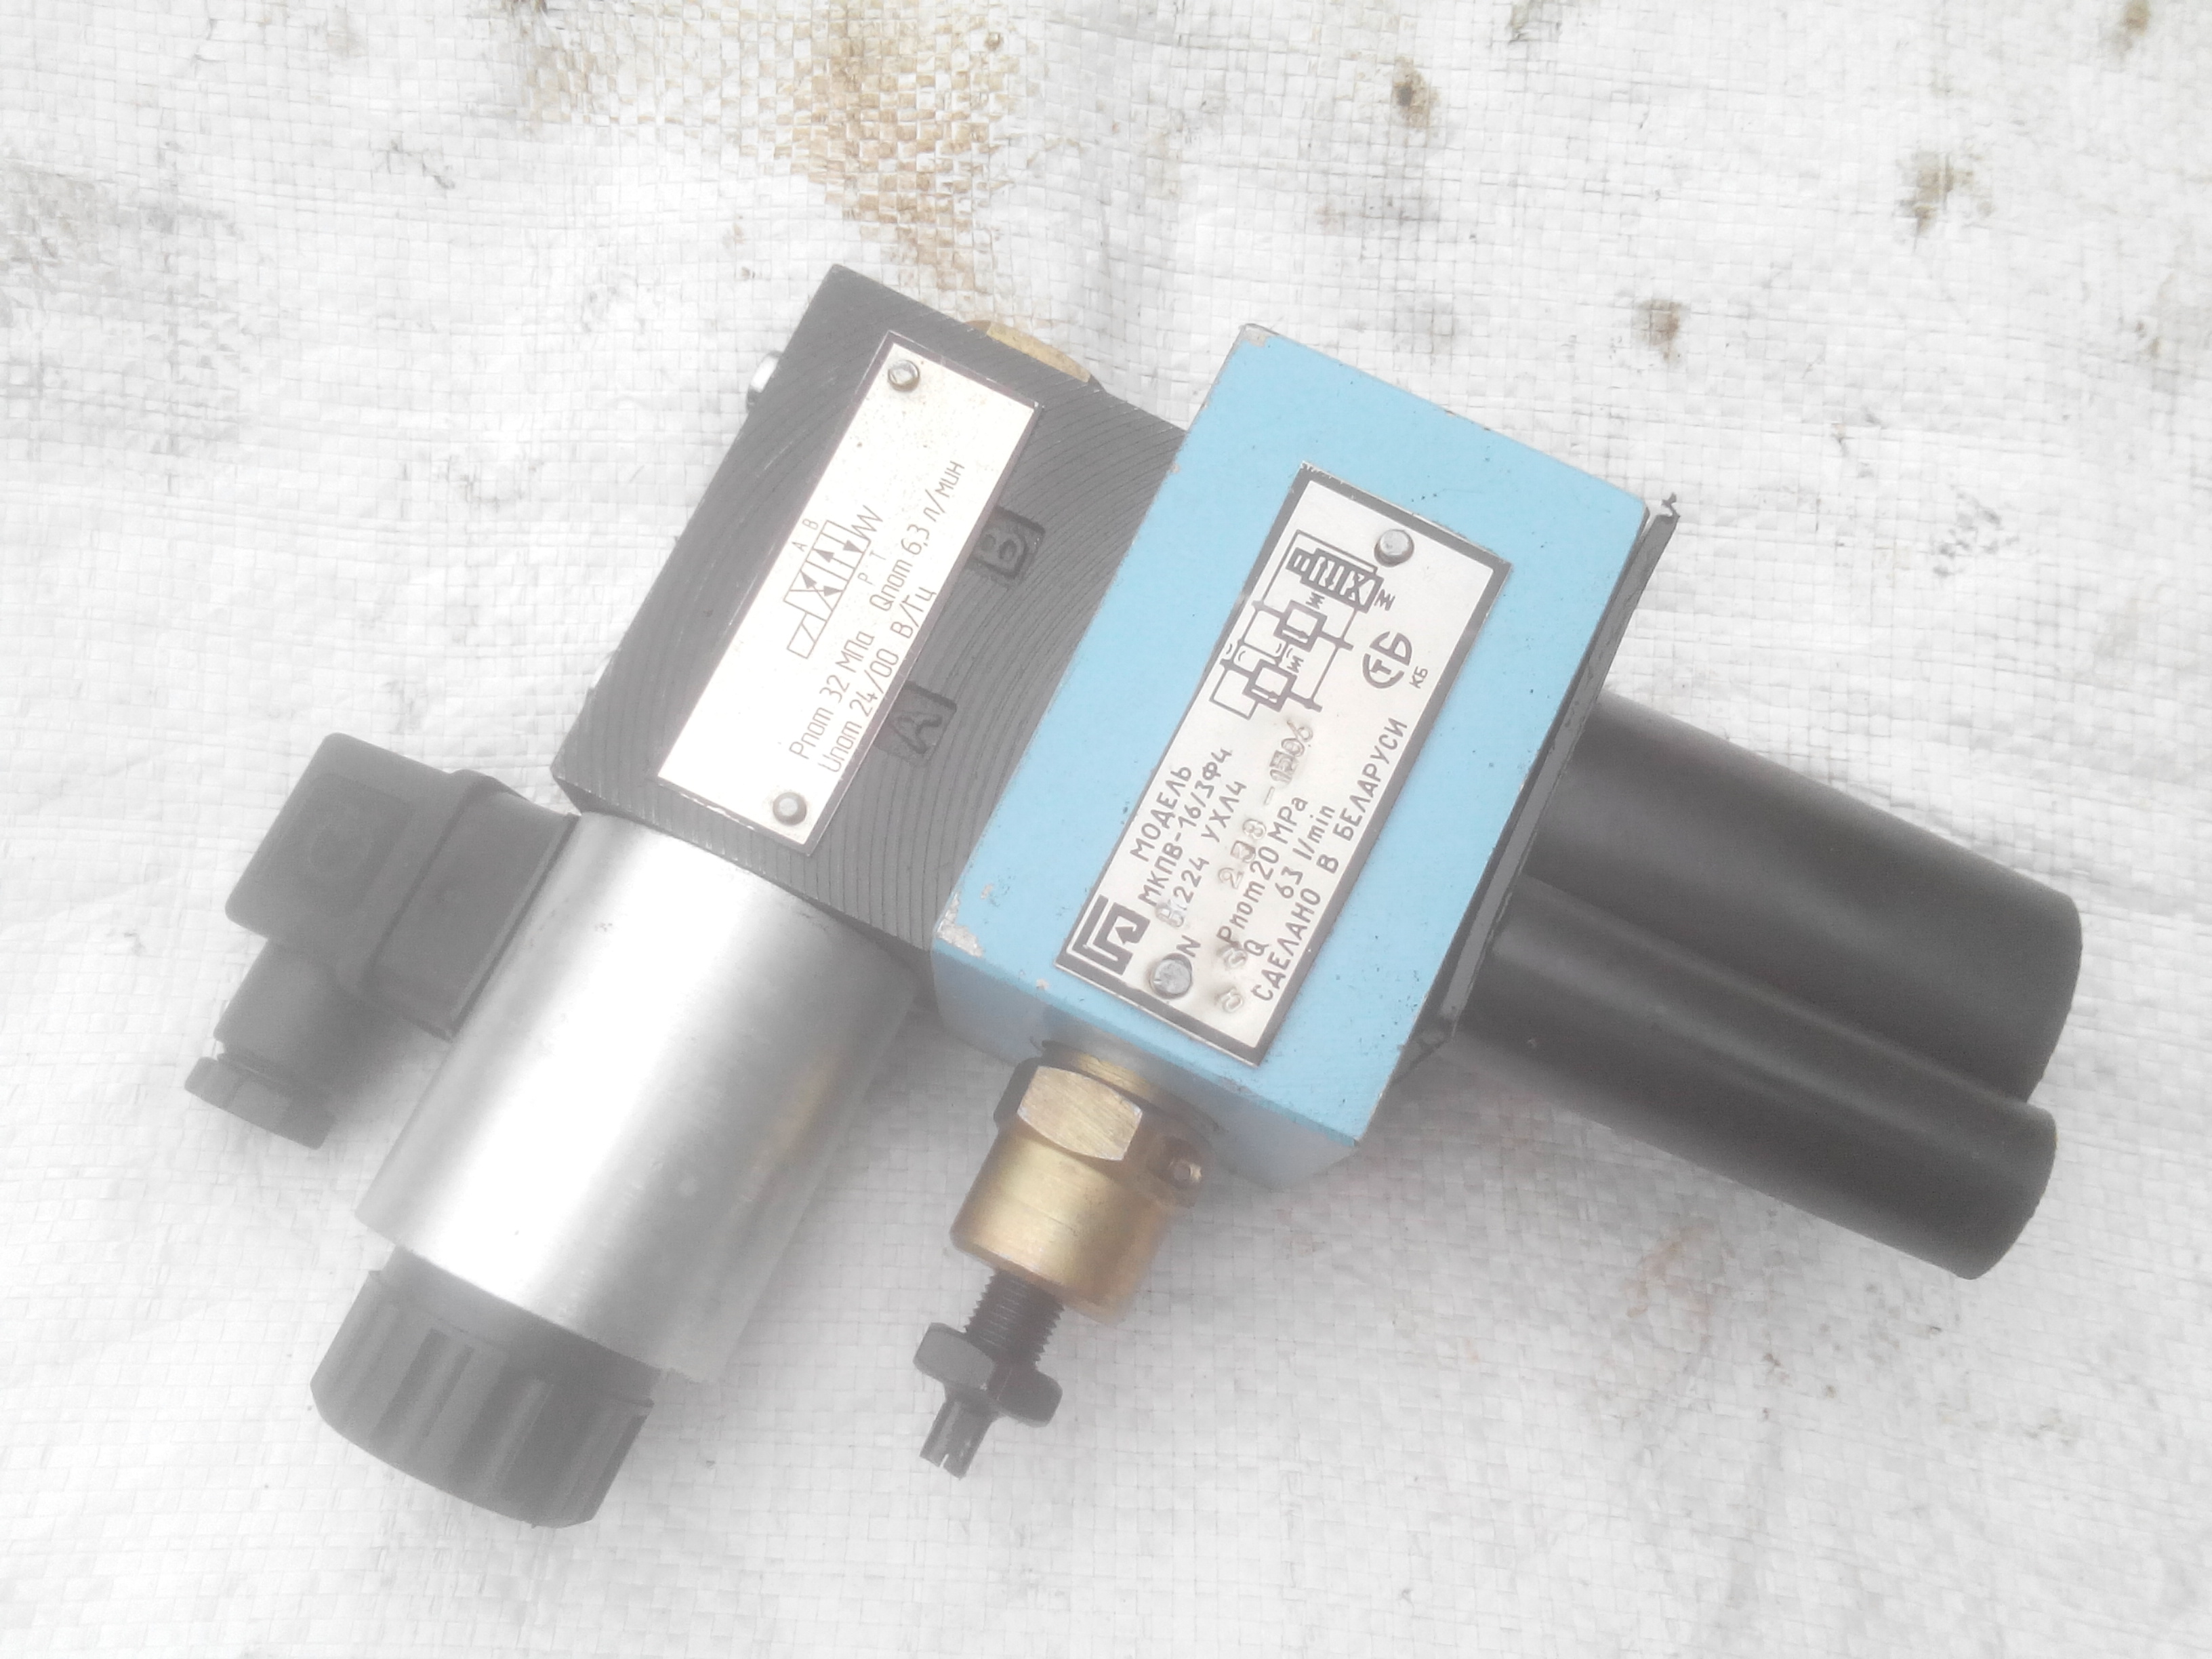 Клапан опускания кузова МЗКТ-65151, 65158 в наличии с доставкой по России